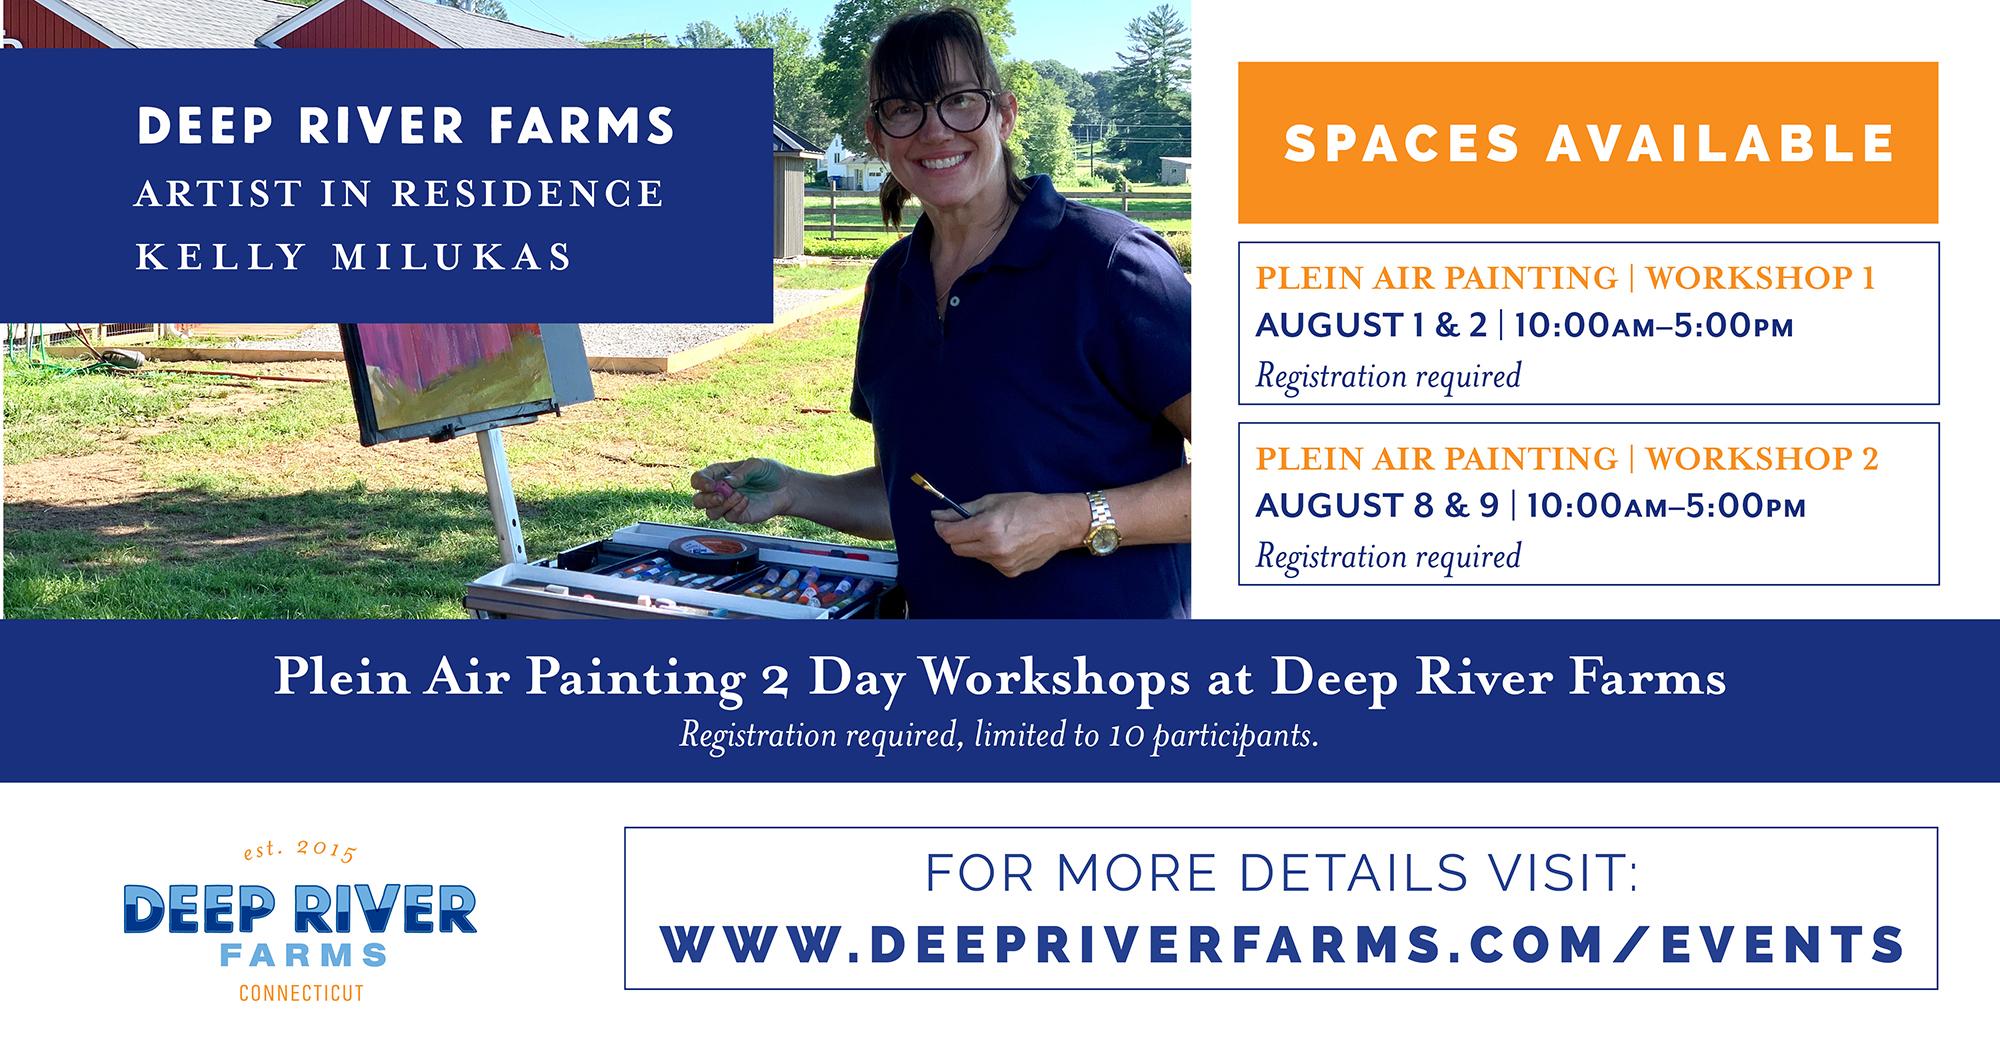 Plein Air Painting Workshops at Deep River Farms